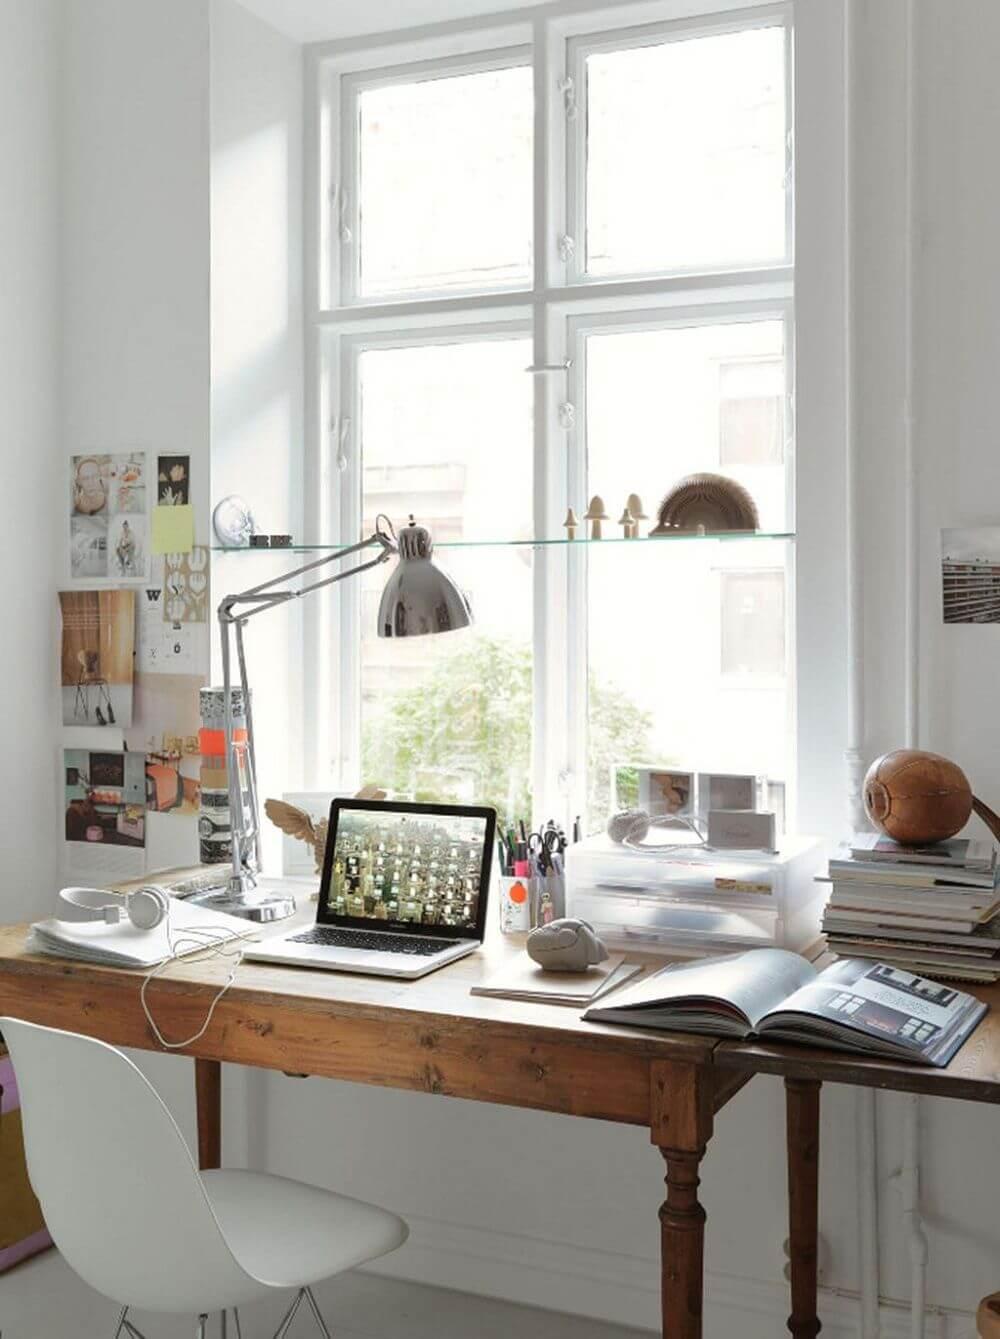 yếu tố giúp thiết kế phòng làm việc đẹp